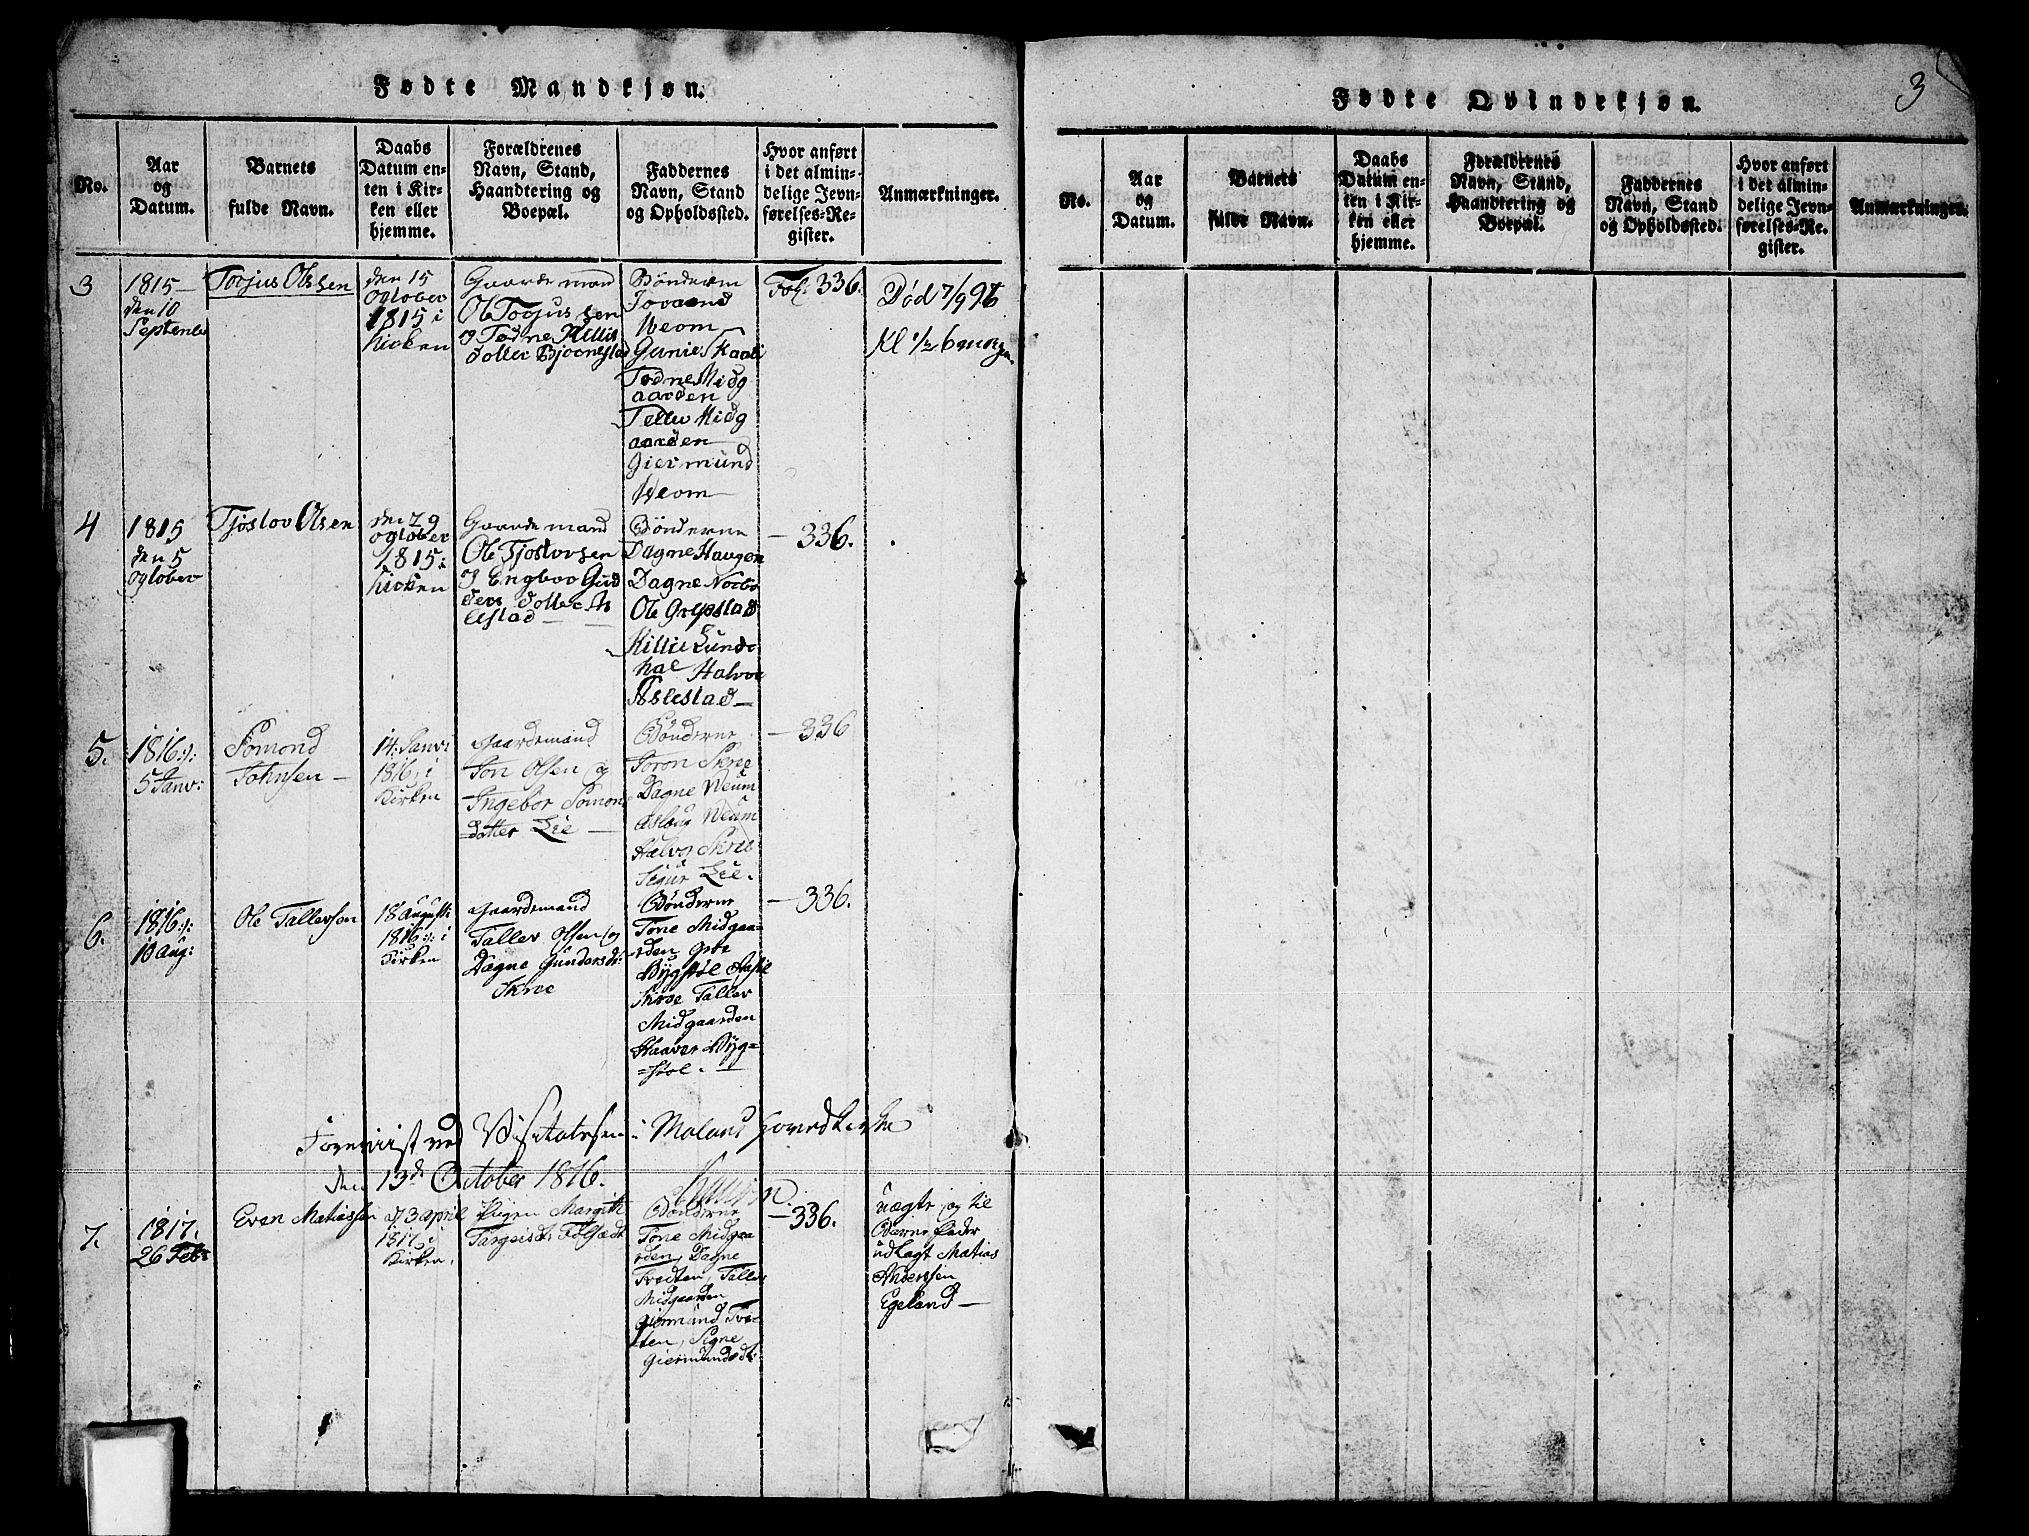 SAKO, Fyresdal kirkebøker, G/Ga/L0003: Klokkerbok nr. I 3, 1815-1863, s. 3